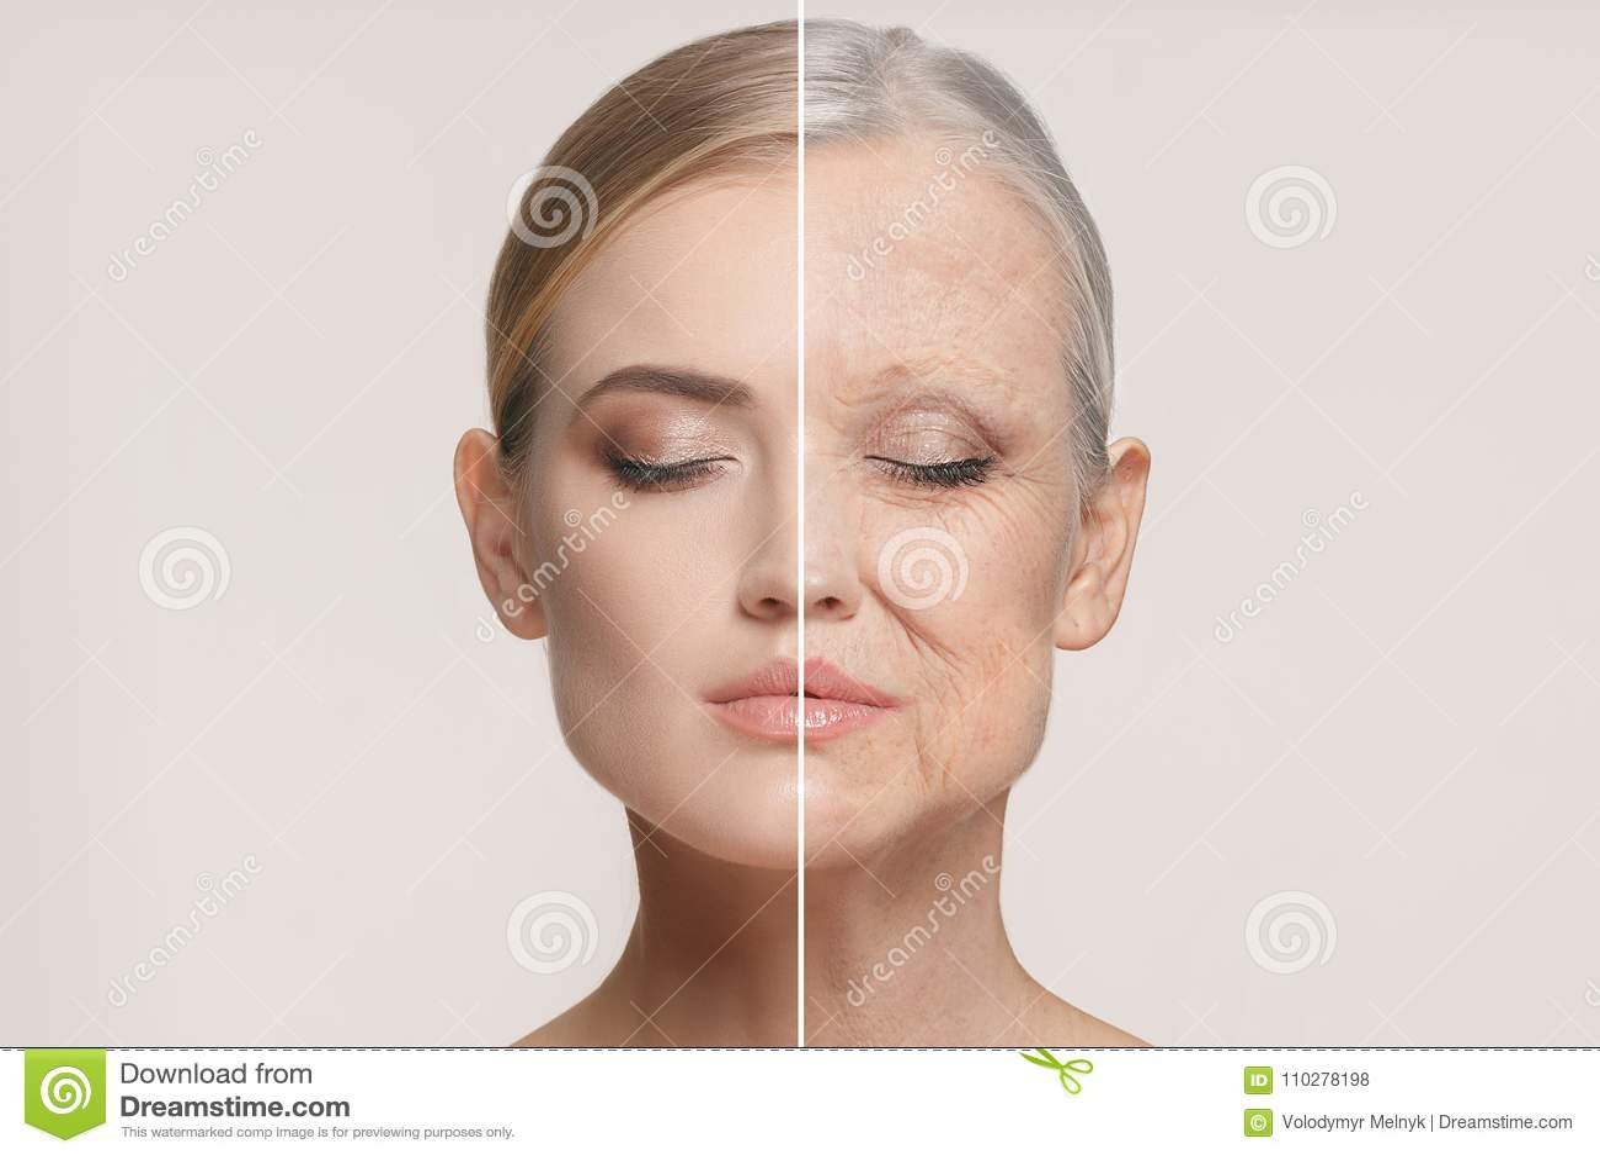 Vergelijking Portret van mooie vrouw met probleem en schoon huid, het verouderen en de jeugdconcept, schoonheidsbehandeling